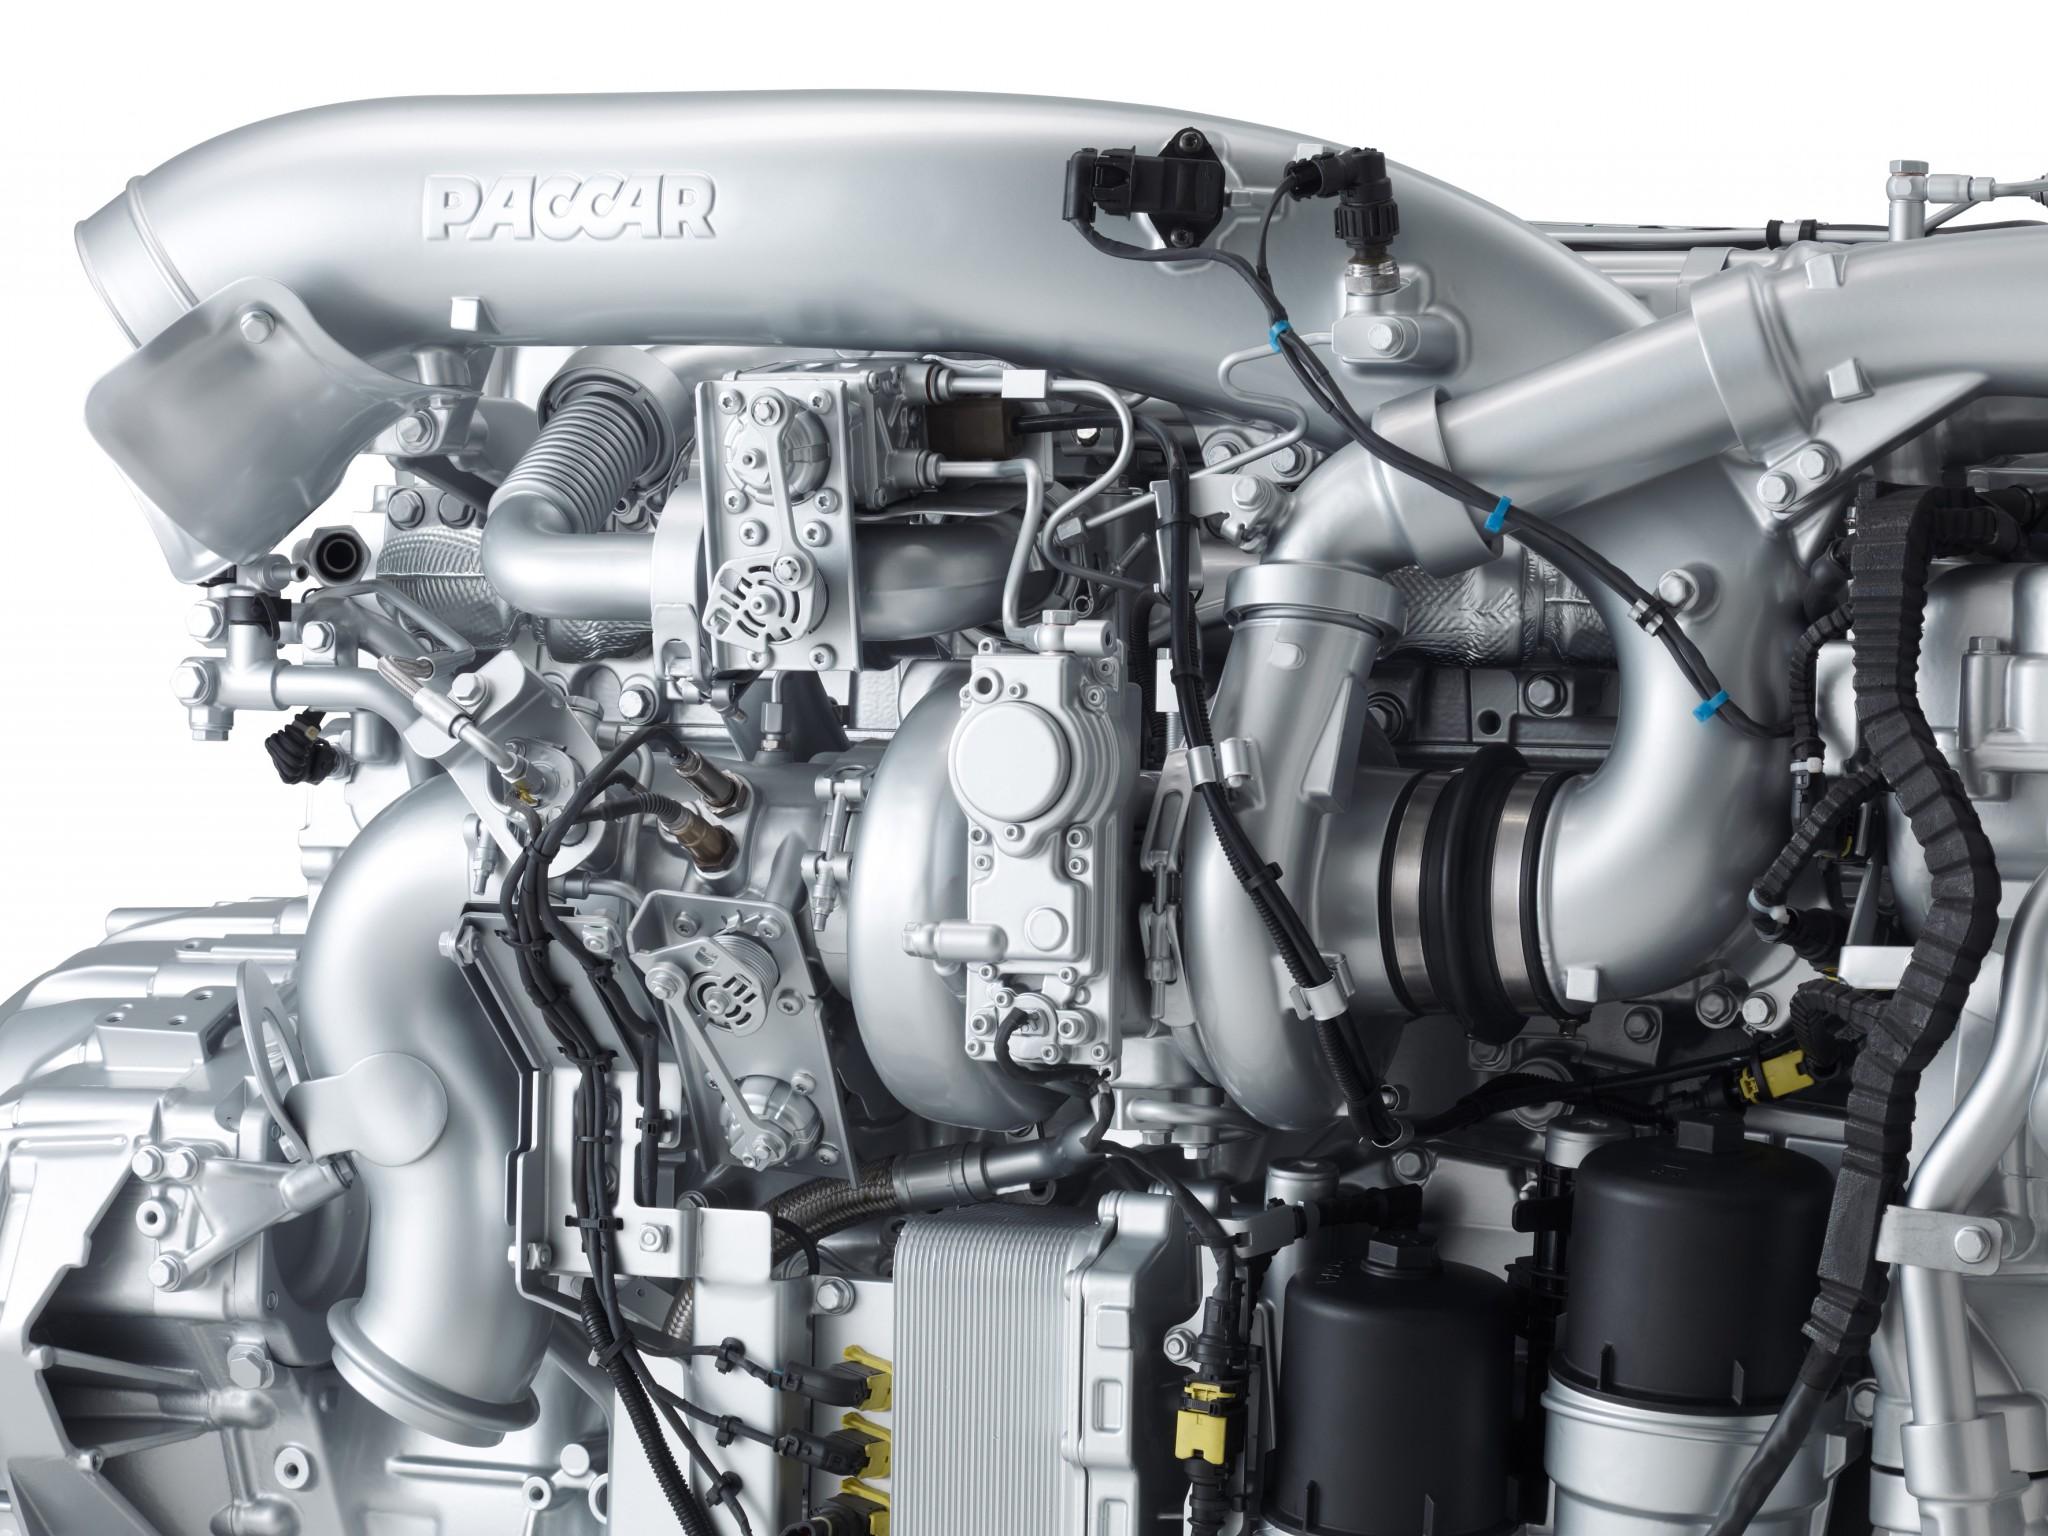 06-DAF-euro-6-engine-mx-13-20120505